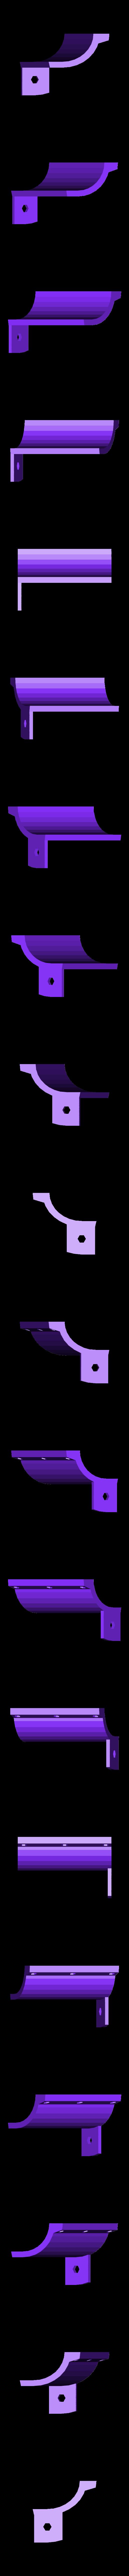 GlueGunSupport_Right.stl Télécharger fichier STL gratuit Support pour pistolet à colle • Plan pour imprimante 3D, Bolog3D